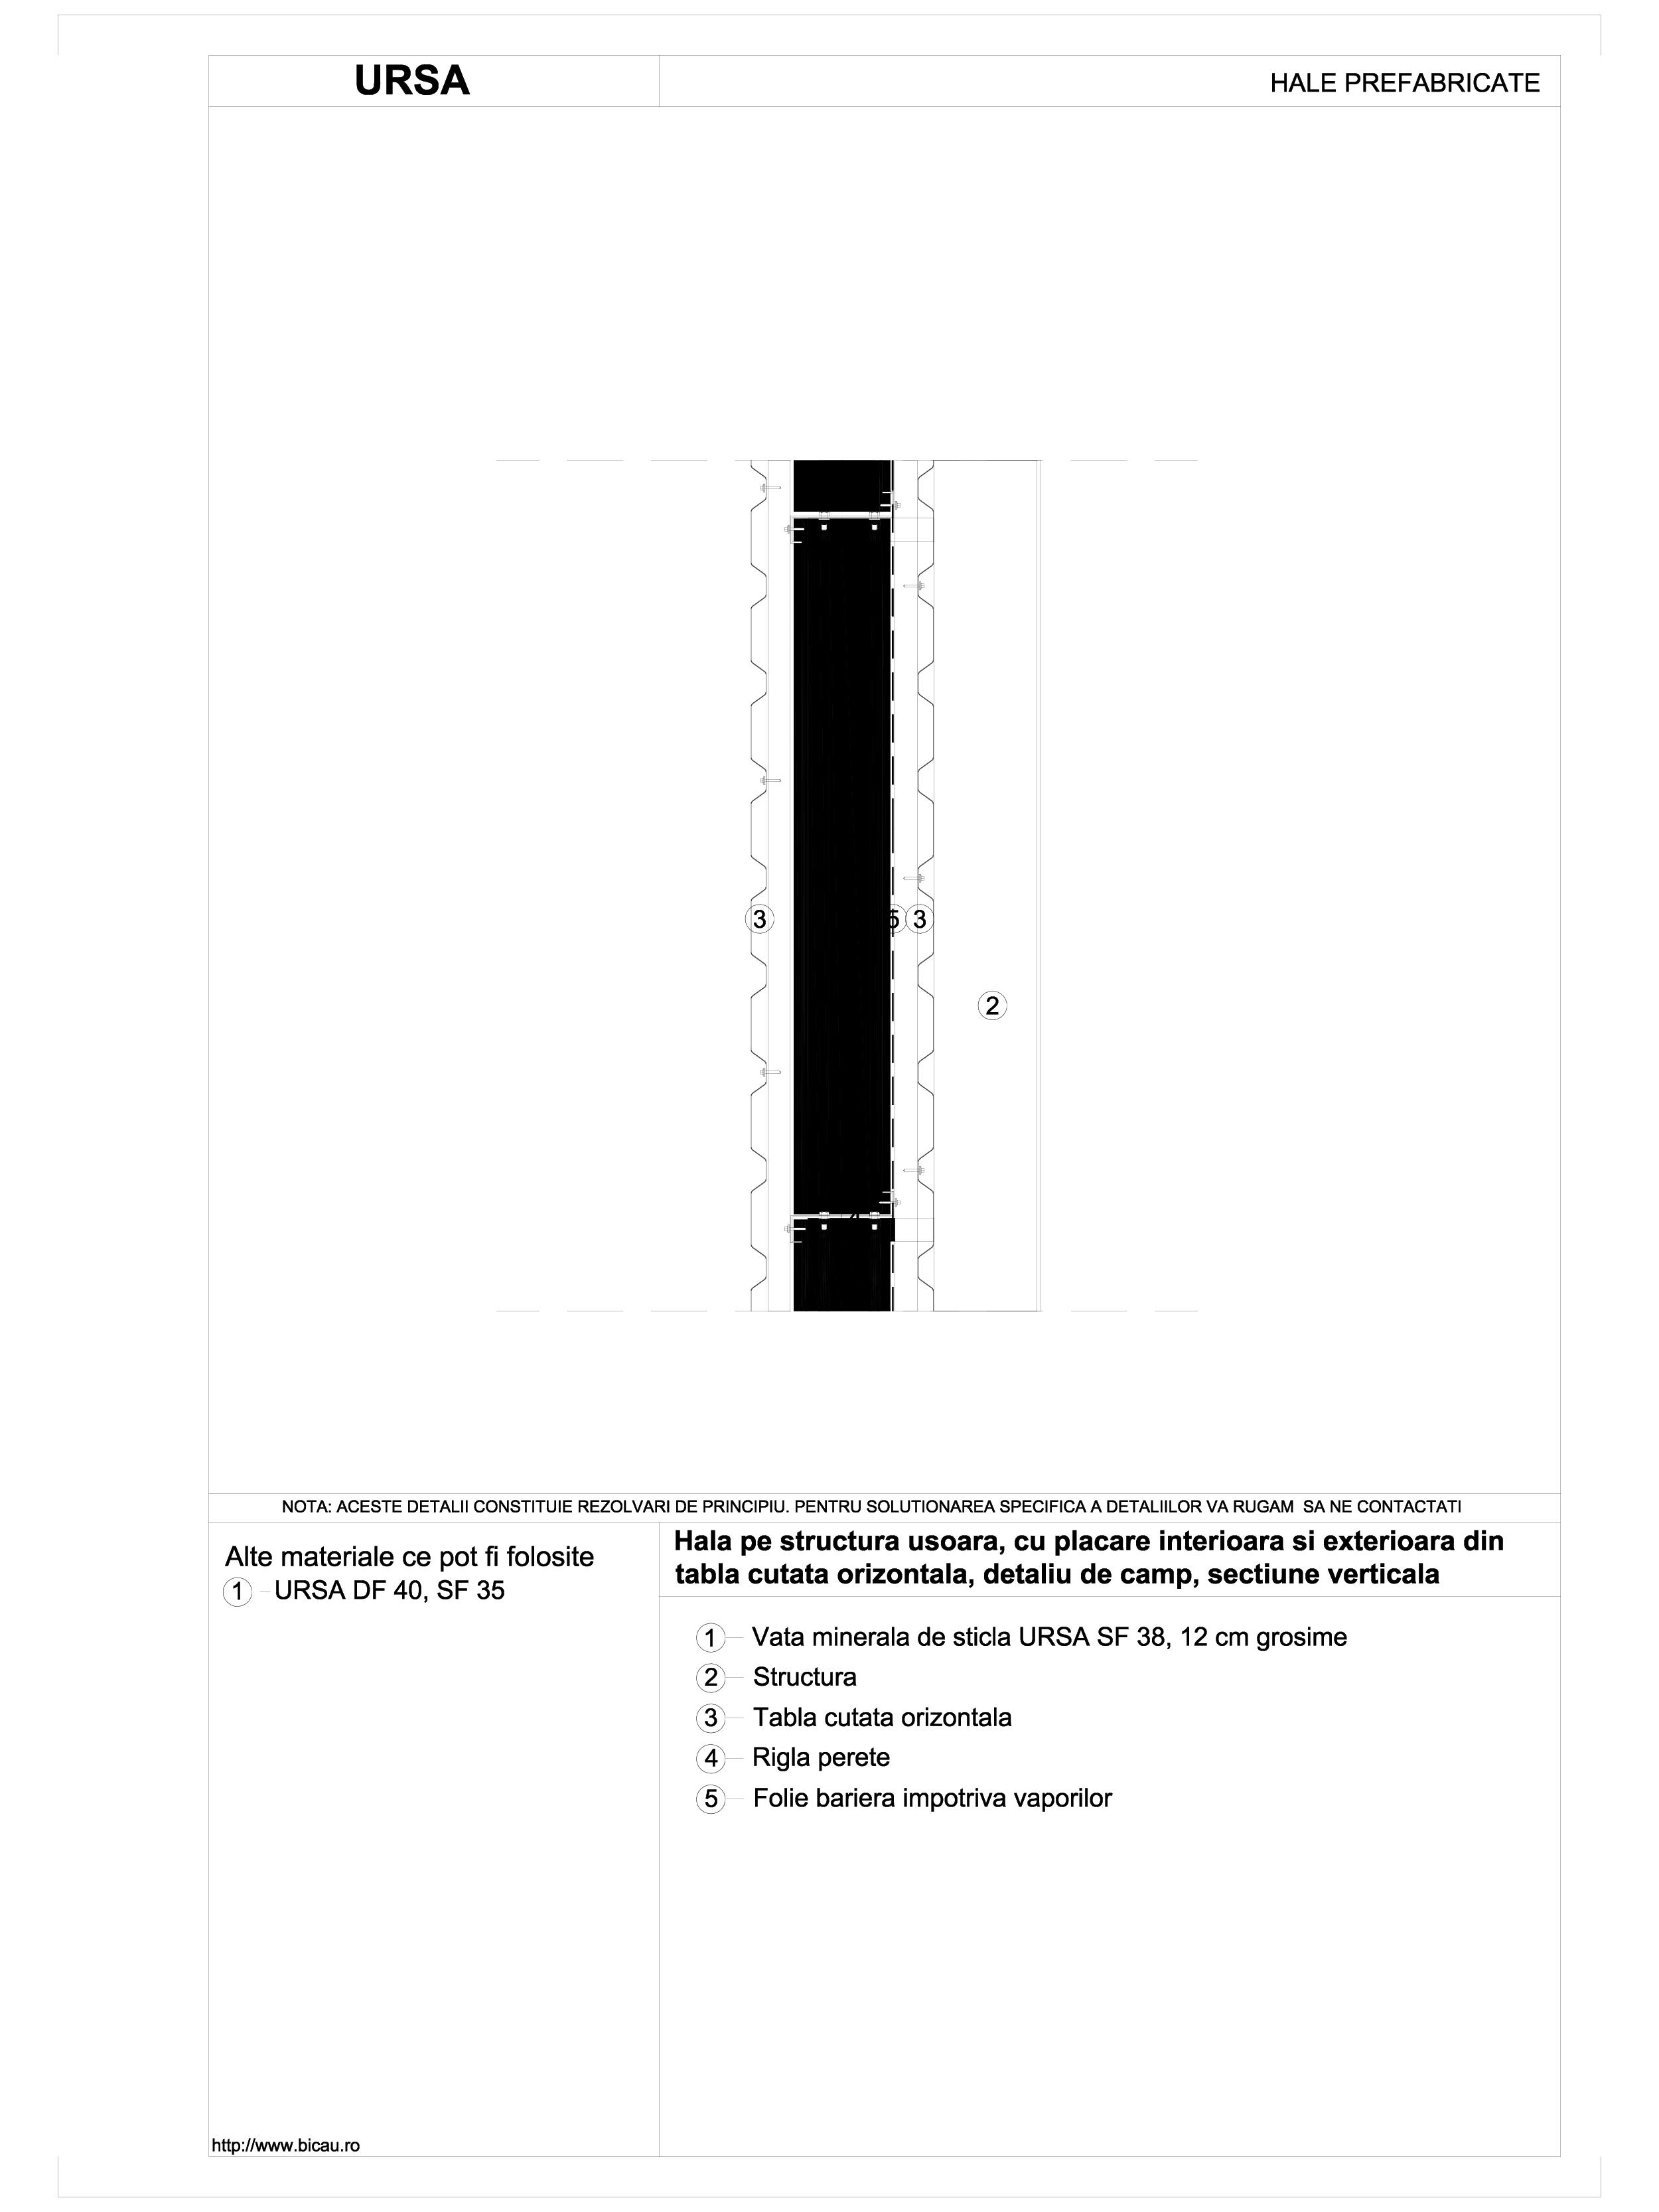 Hala pe structura usoara, cu placare interioara si exterioara din tabla cutata orizontala, detaliu de camp, sectiune verticala URSA Vata minerala pentru fatade neventilate si hale prefabricate URSA ROMANIA   - Pagina 1